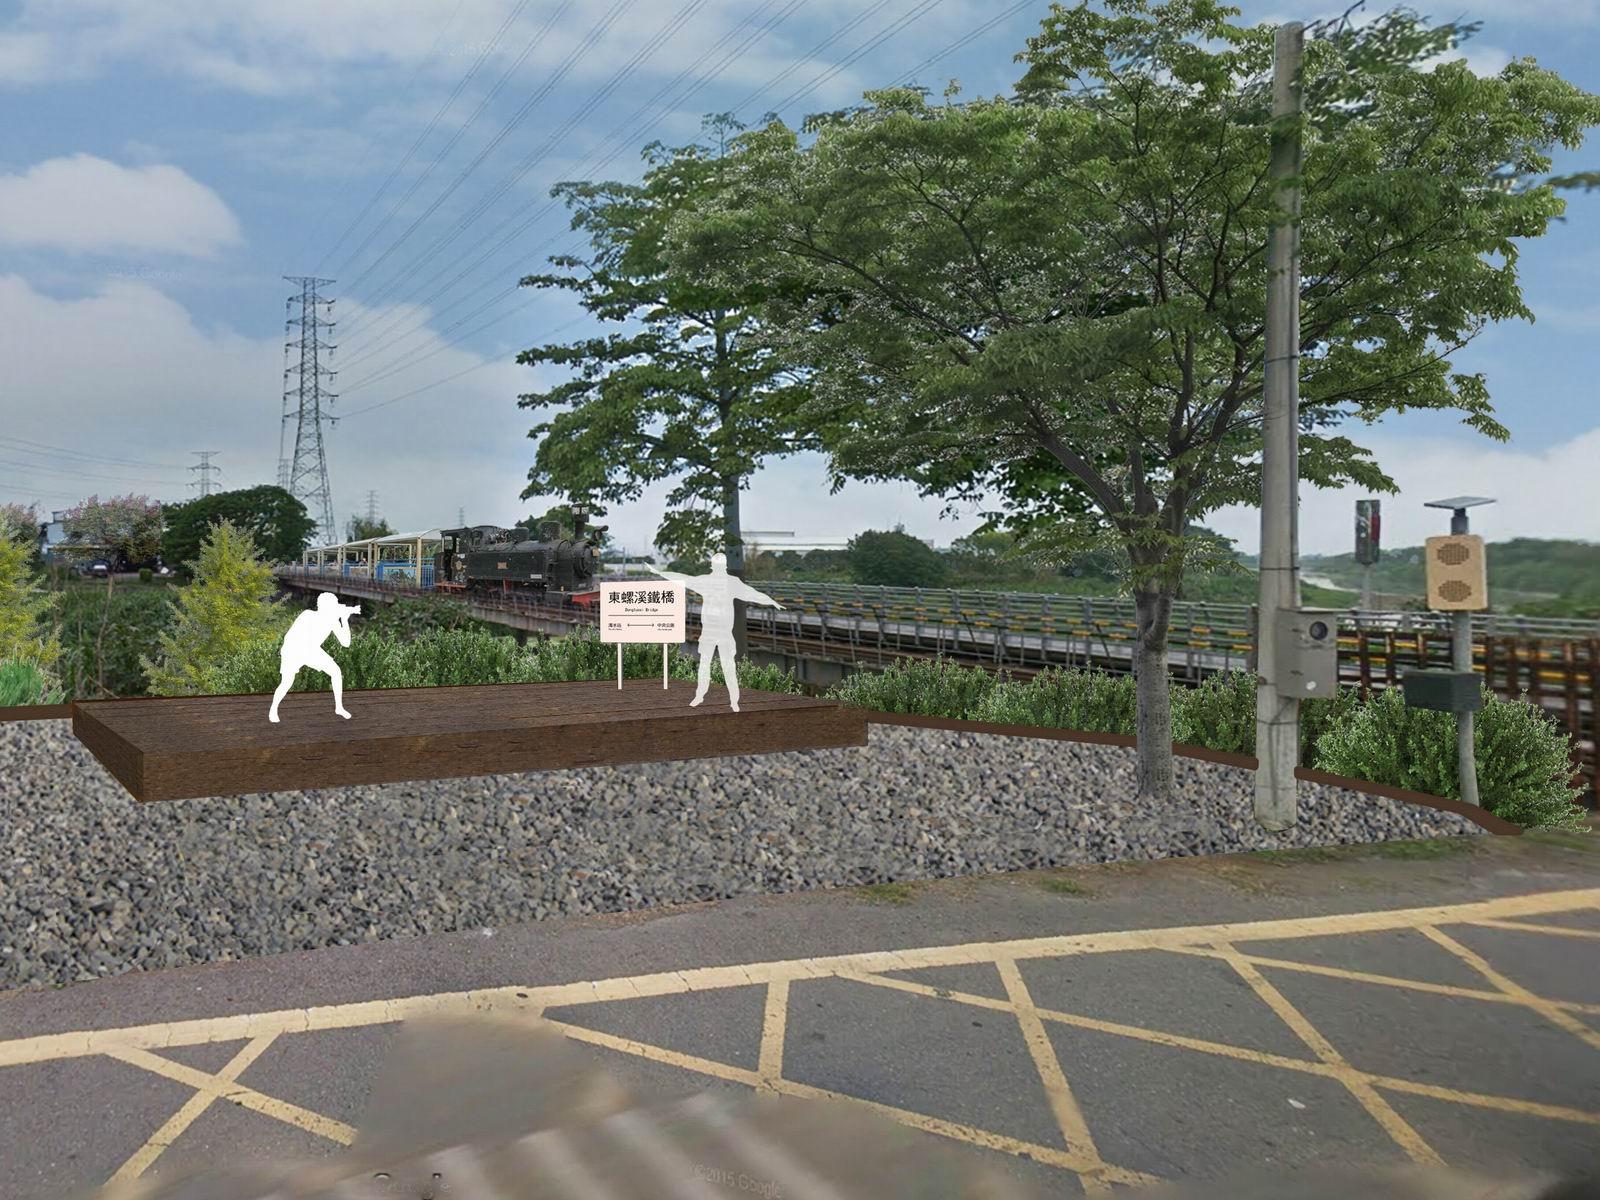 內政部110年度「城鎮風貌及創生環境營造計畫」 彰化縣獲補助9案 計畫總經費5,300萬元